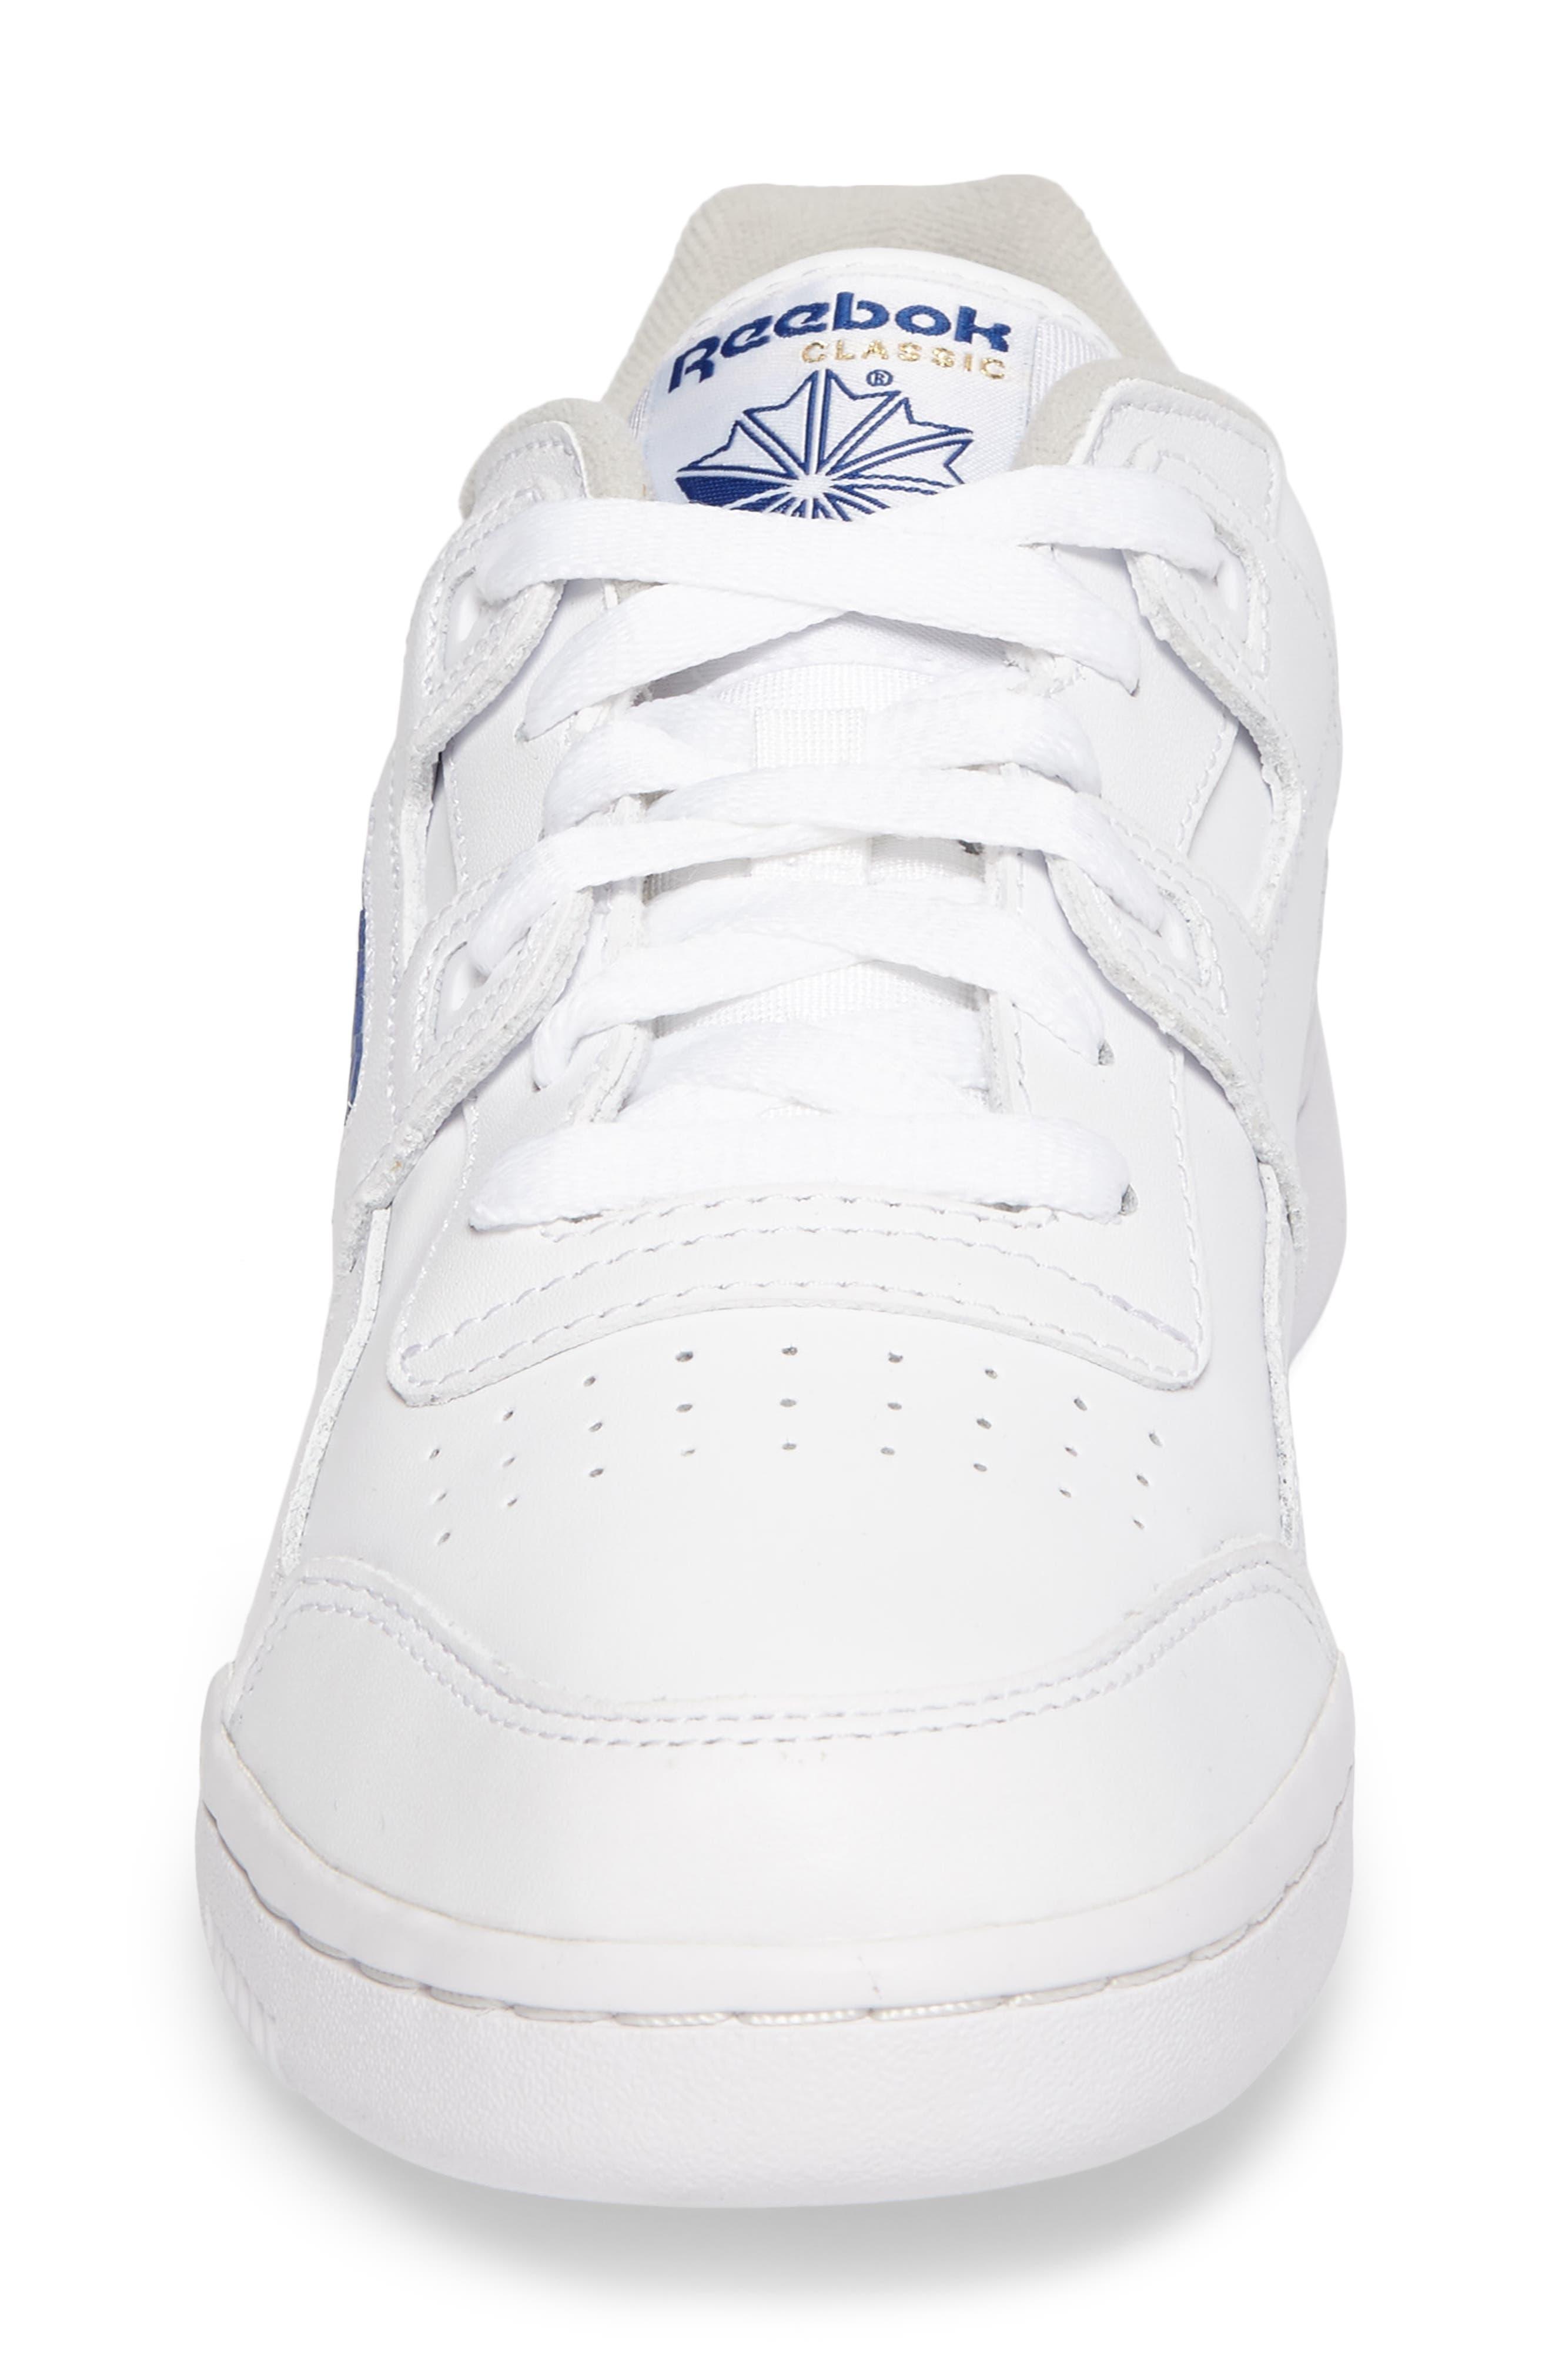 Workout Plus Sneaker,                             Alternate thumbnail 4, color,                             WHITE/ ROYAL